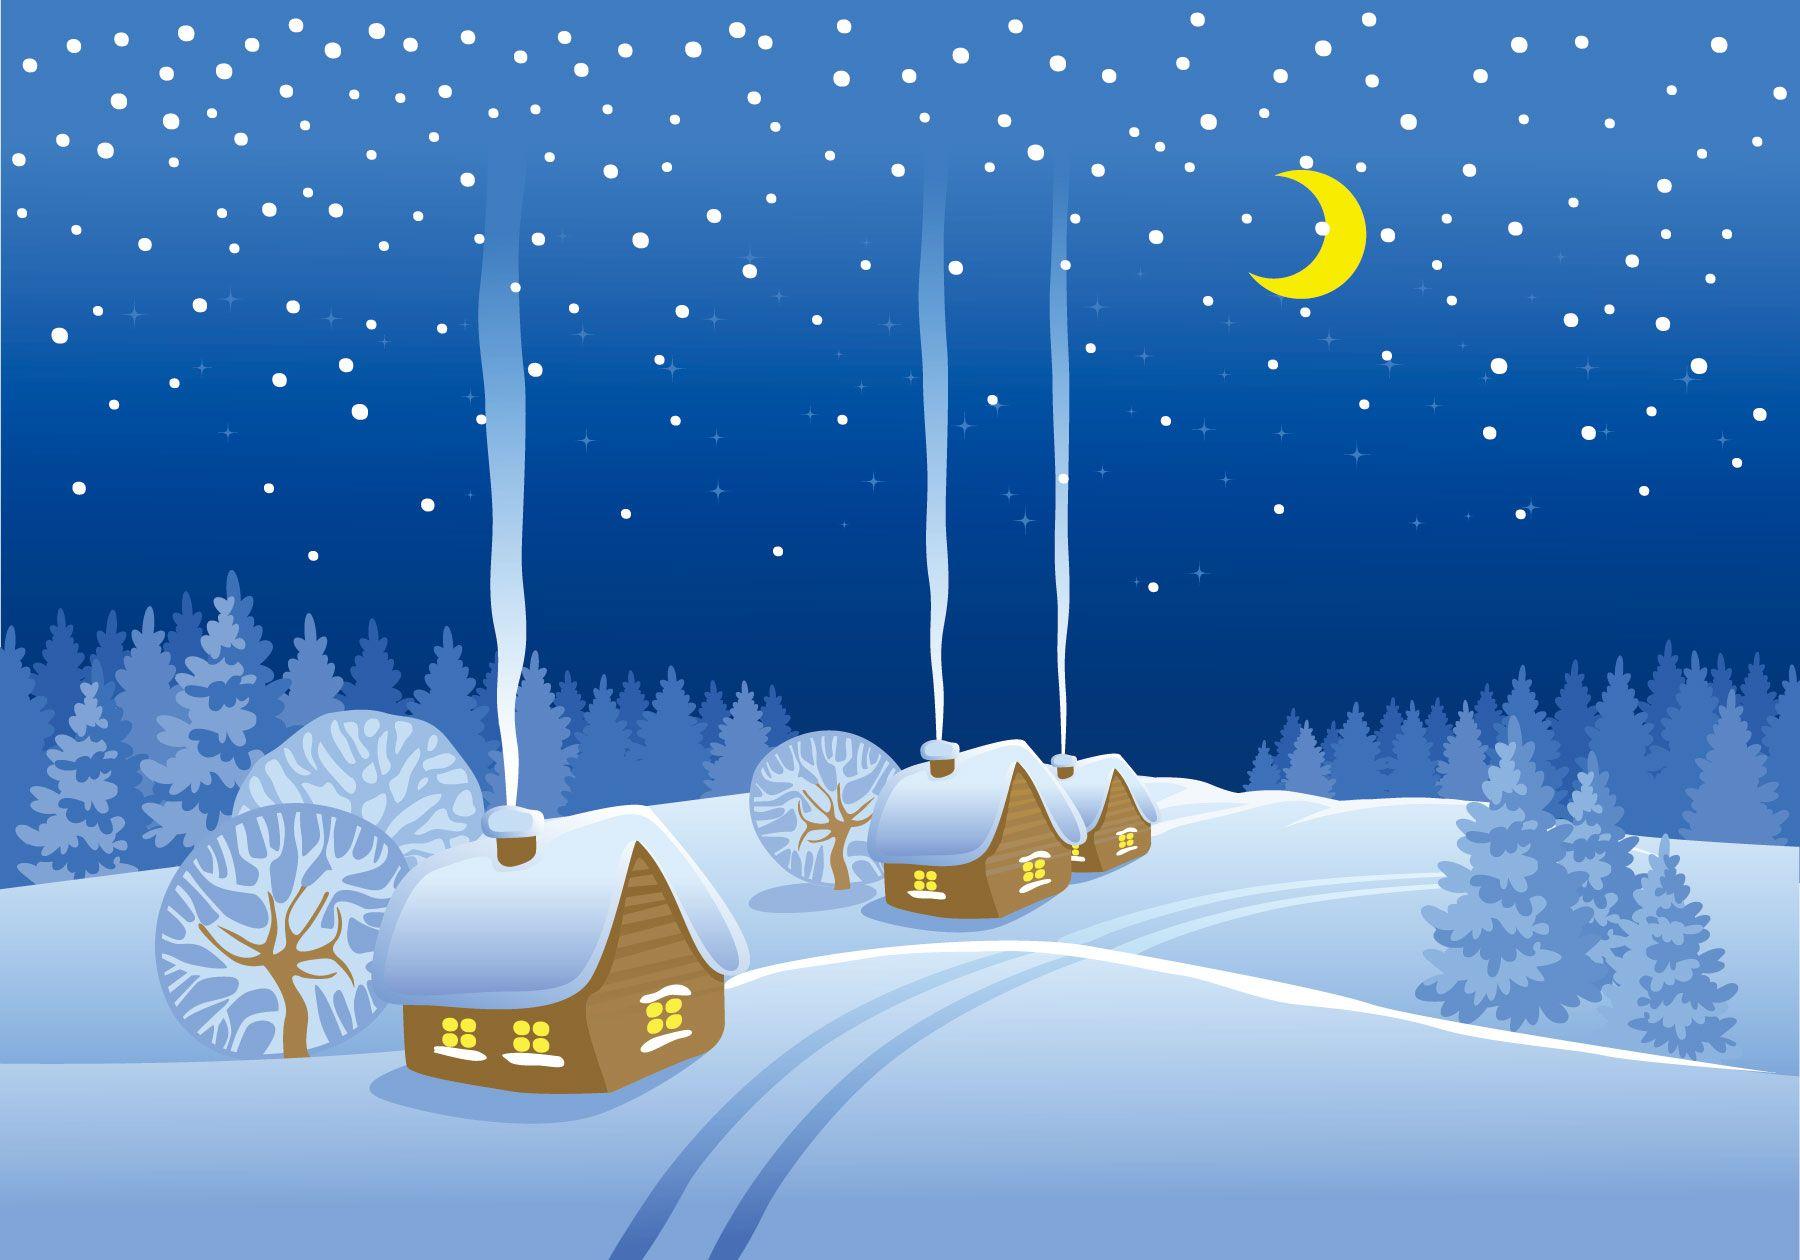 冬の画像サンプル-雪と窓明かり   季節〜冬、winter   pinterest   冬